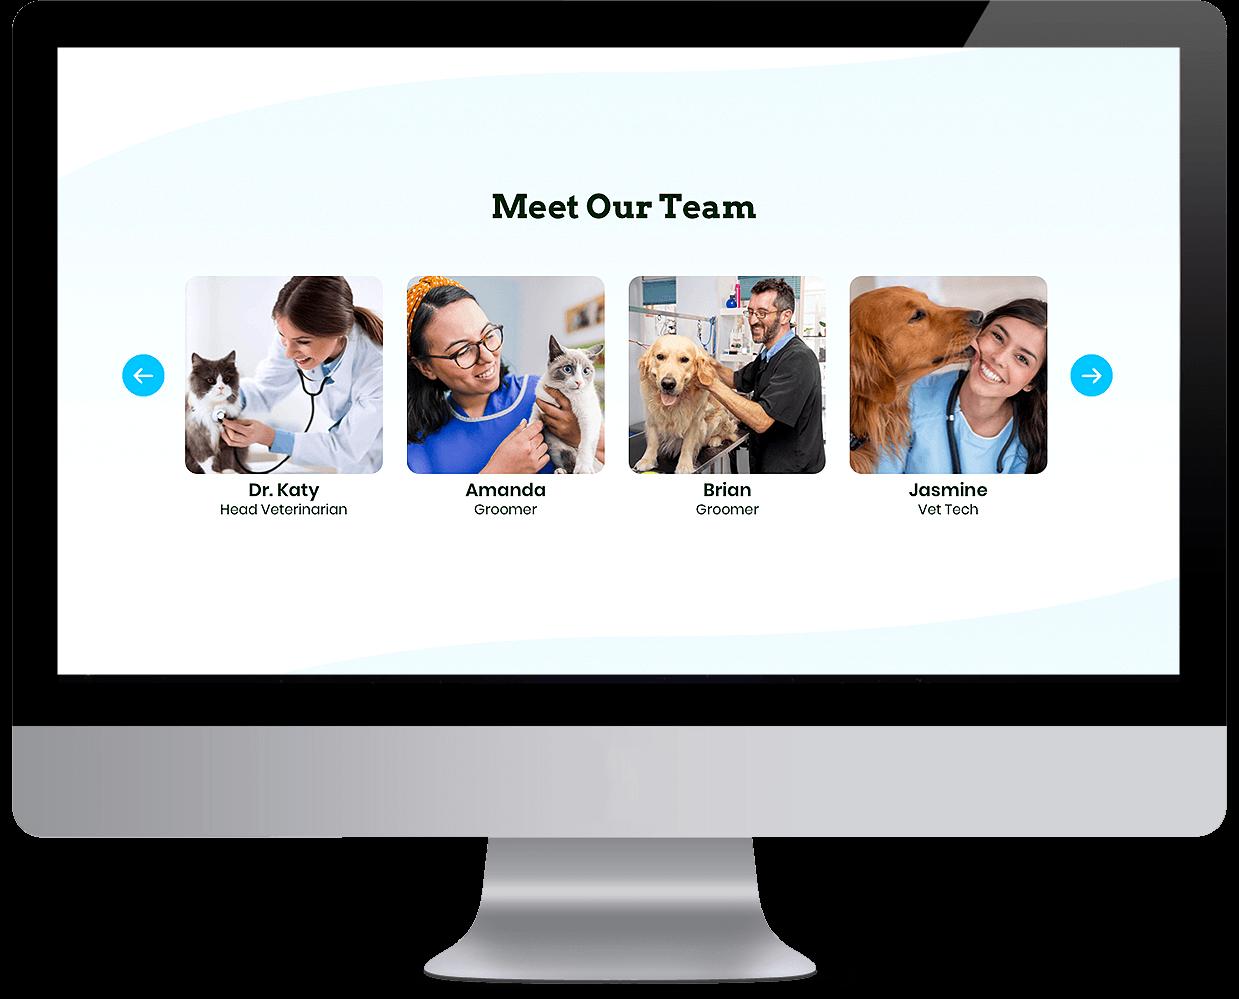 Pet services management sytem Team showcase interface desktop view